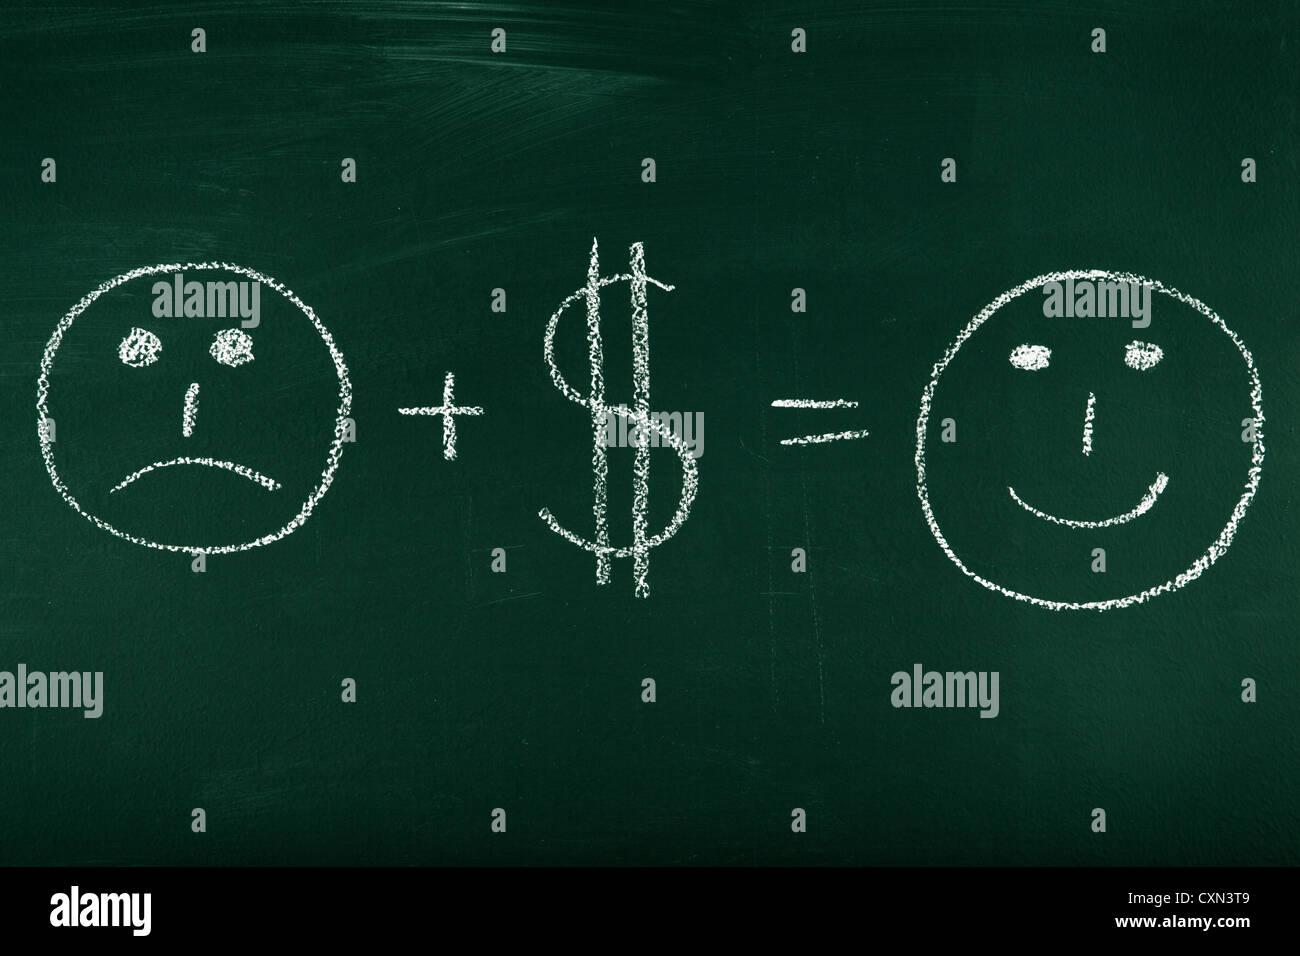 Il denaro può cambiare la tua vita - concetto illustrato sulla lavagna Immagini Stock